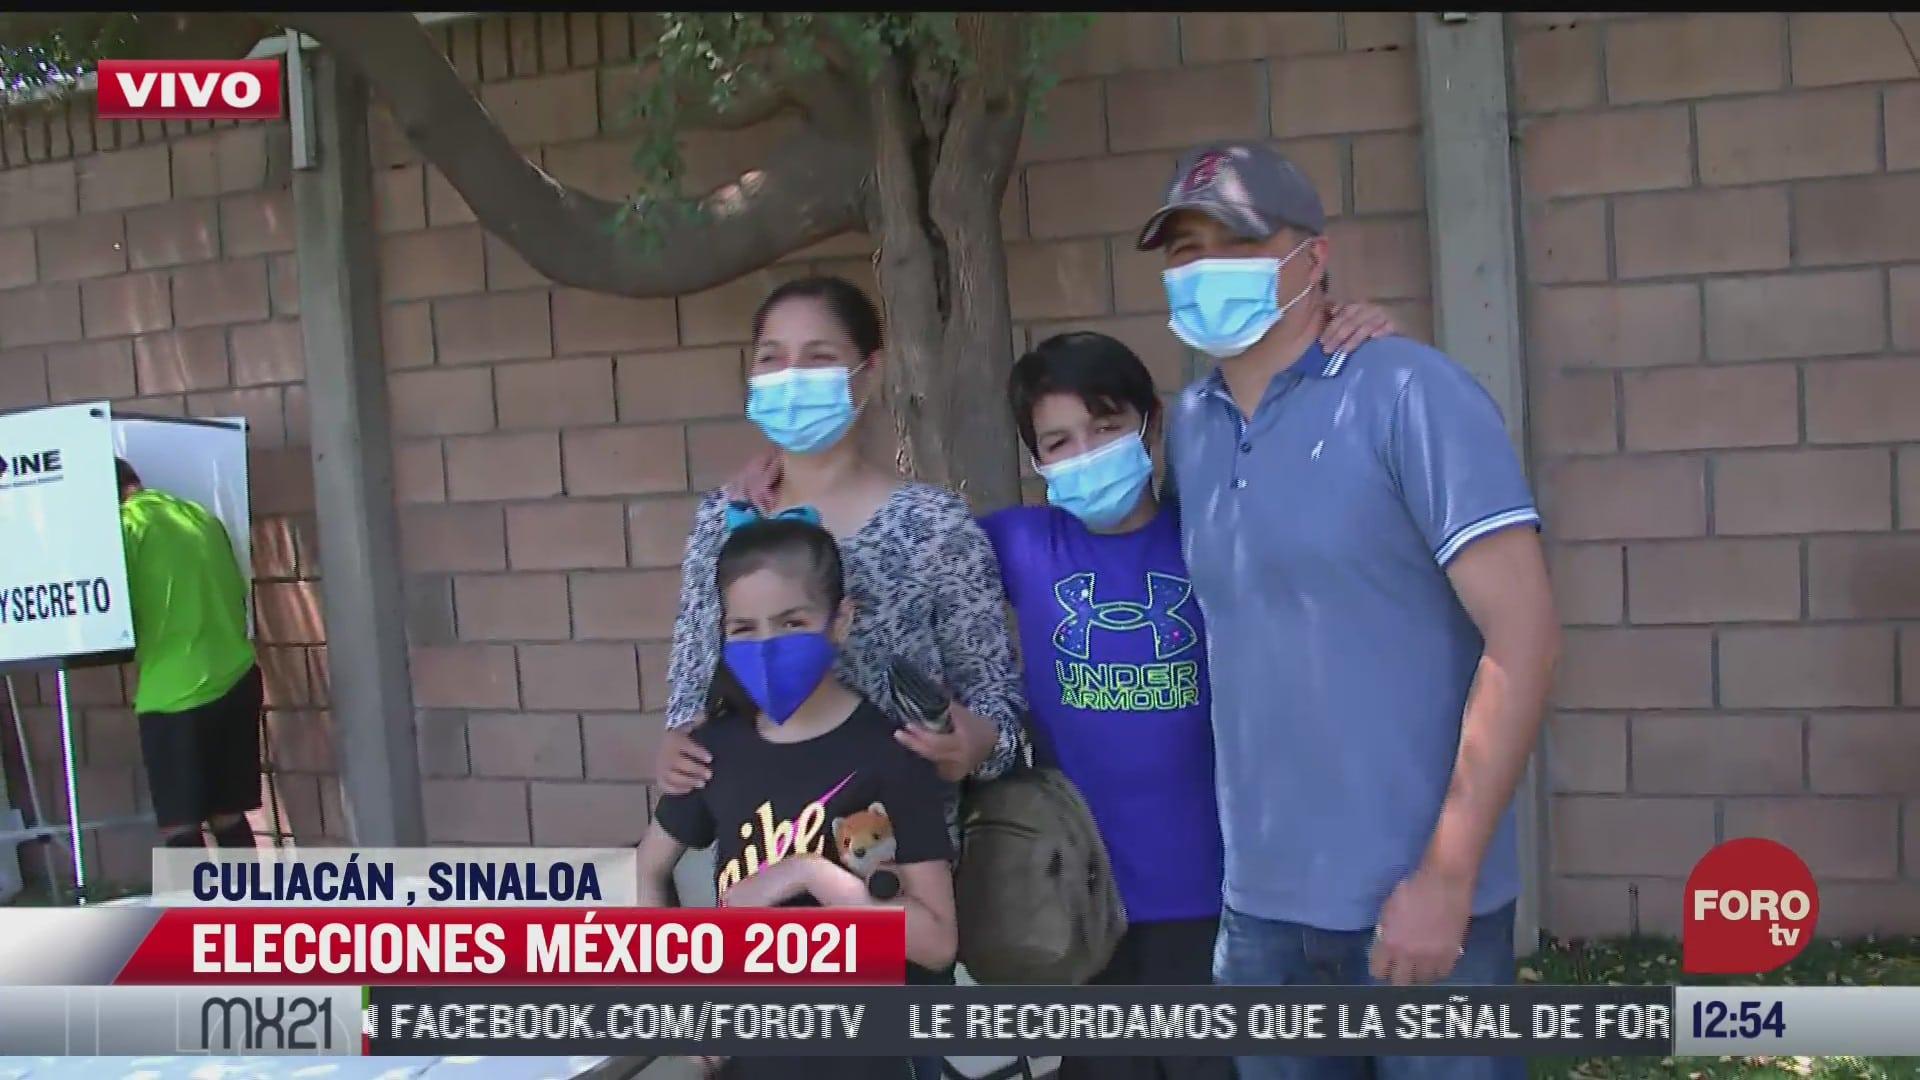 familias acuden a votar en estas elecciones 2021 en culiacan sinaloa